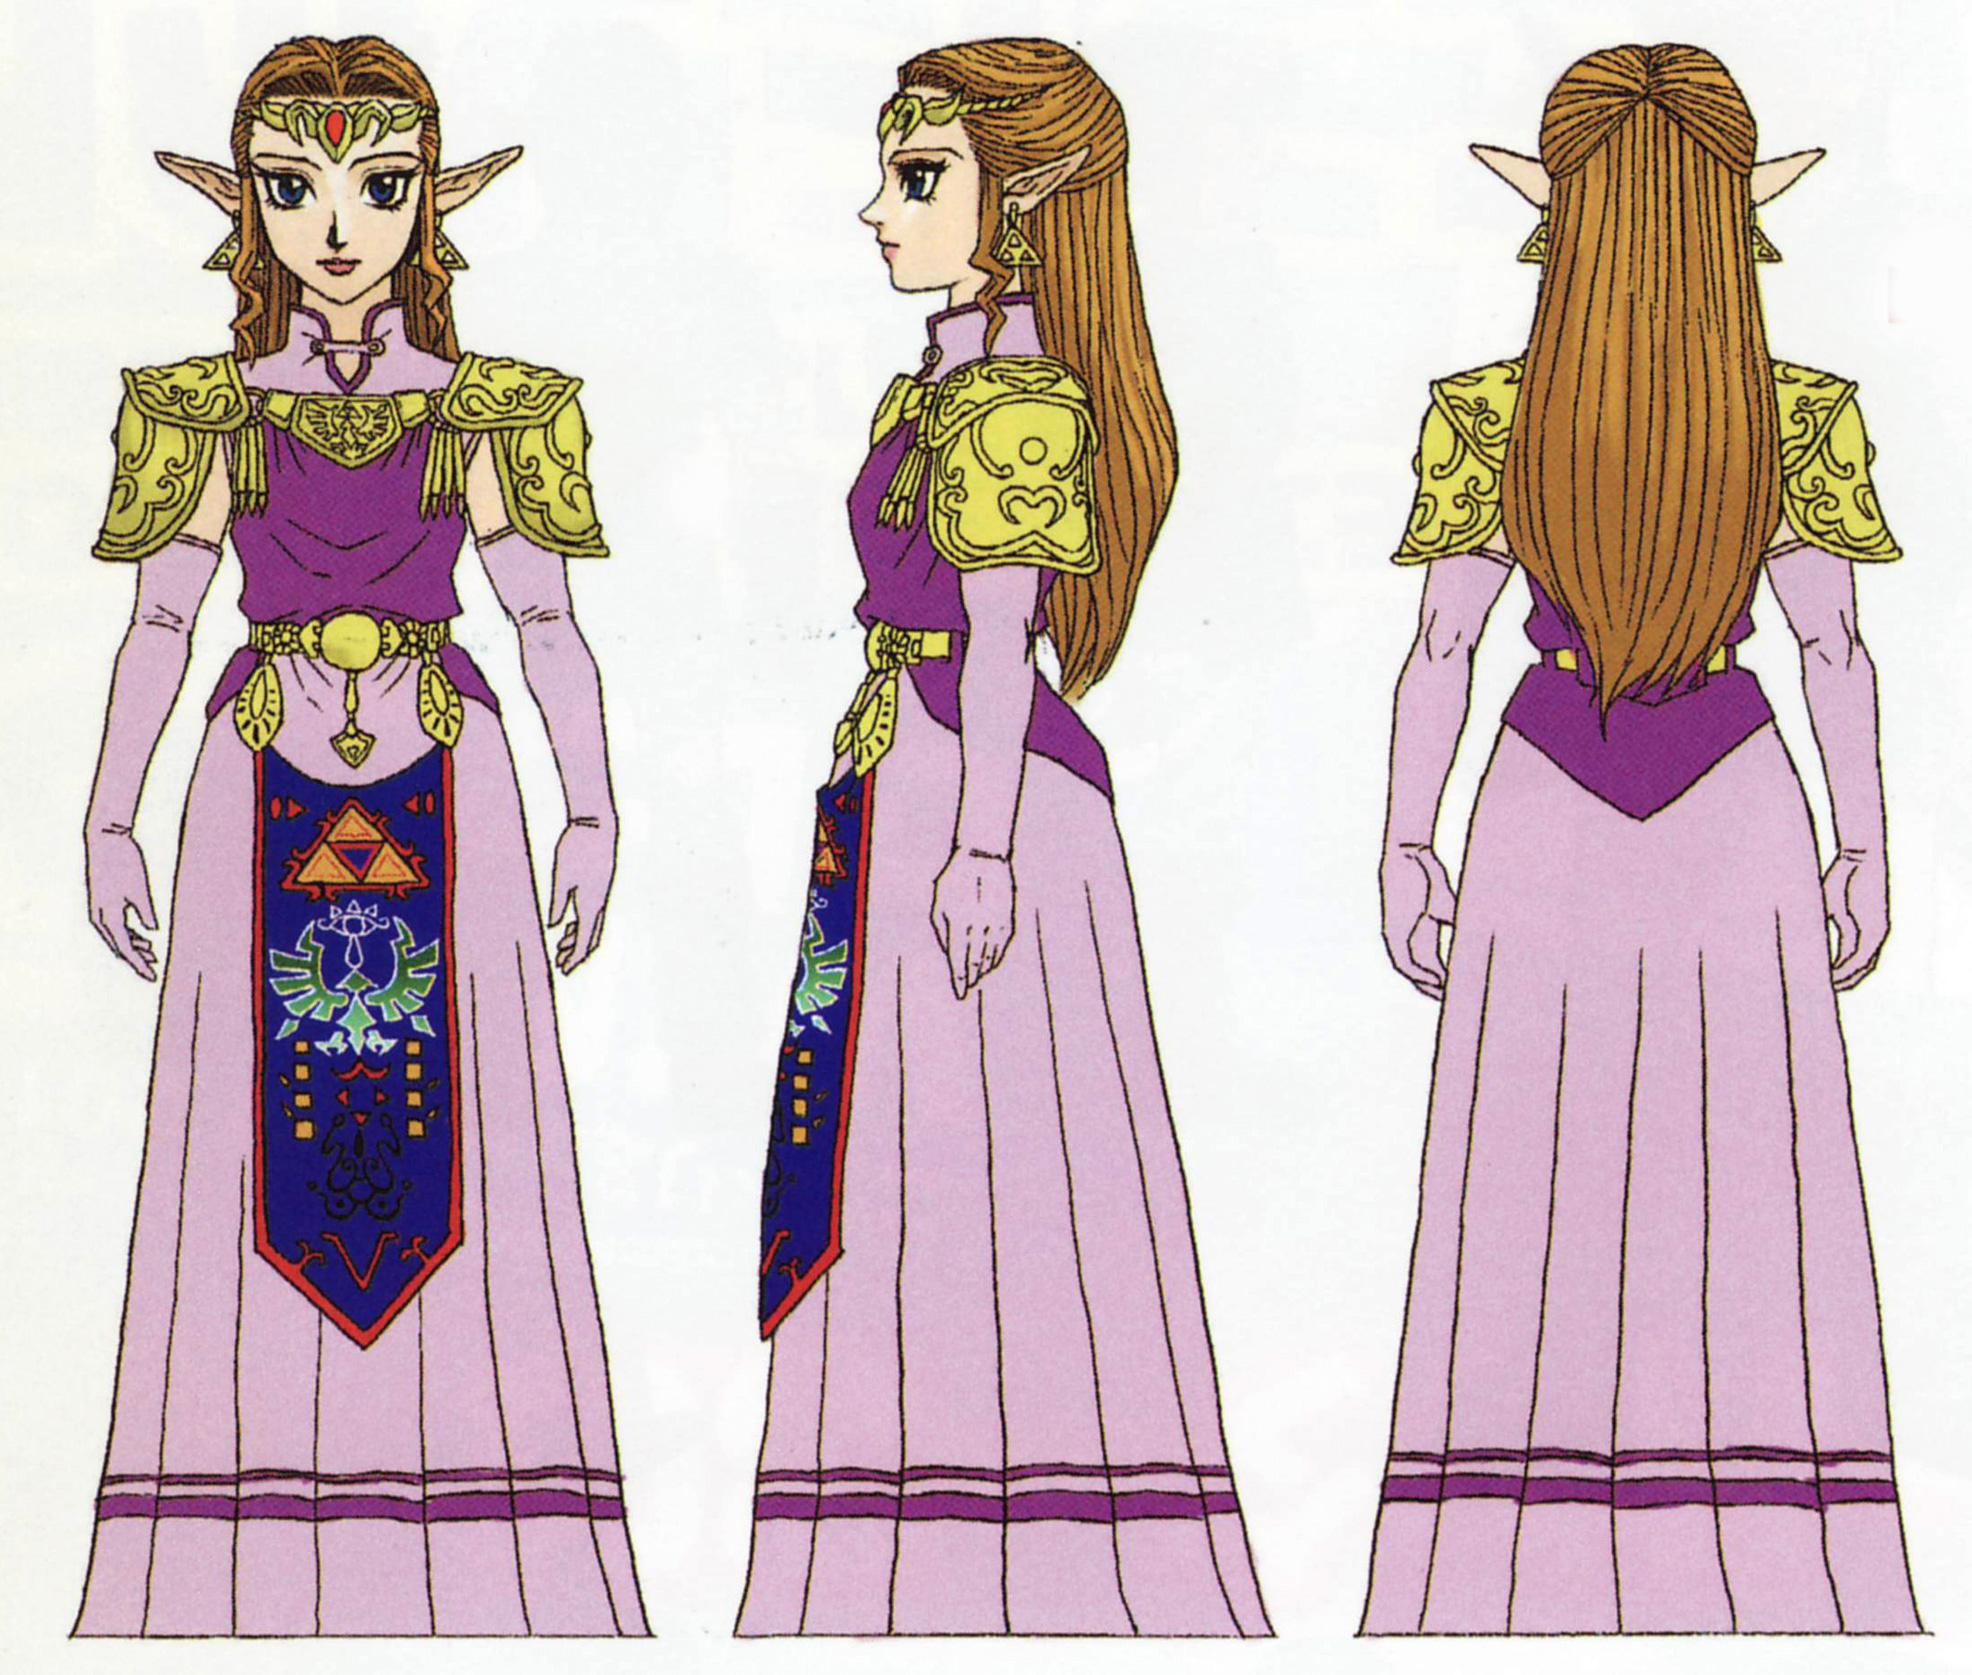 OoT Adult Zelda